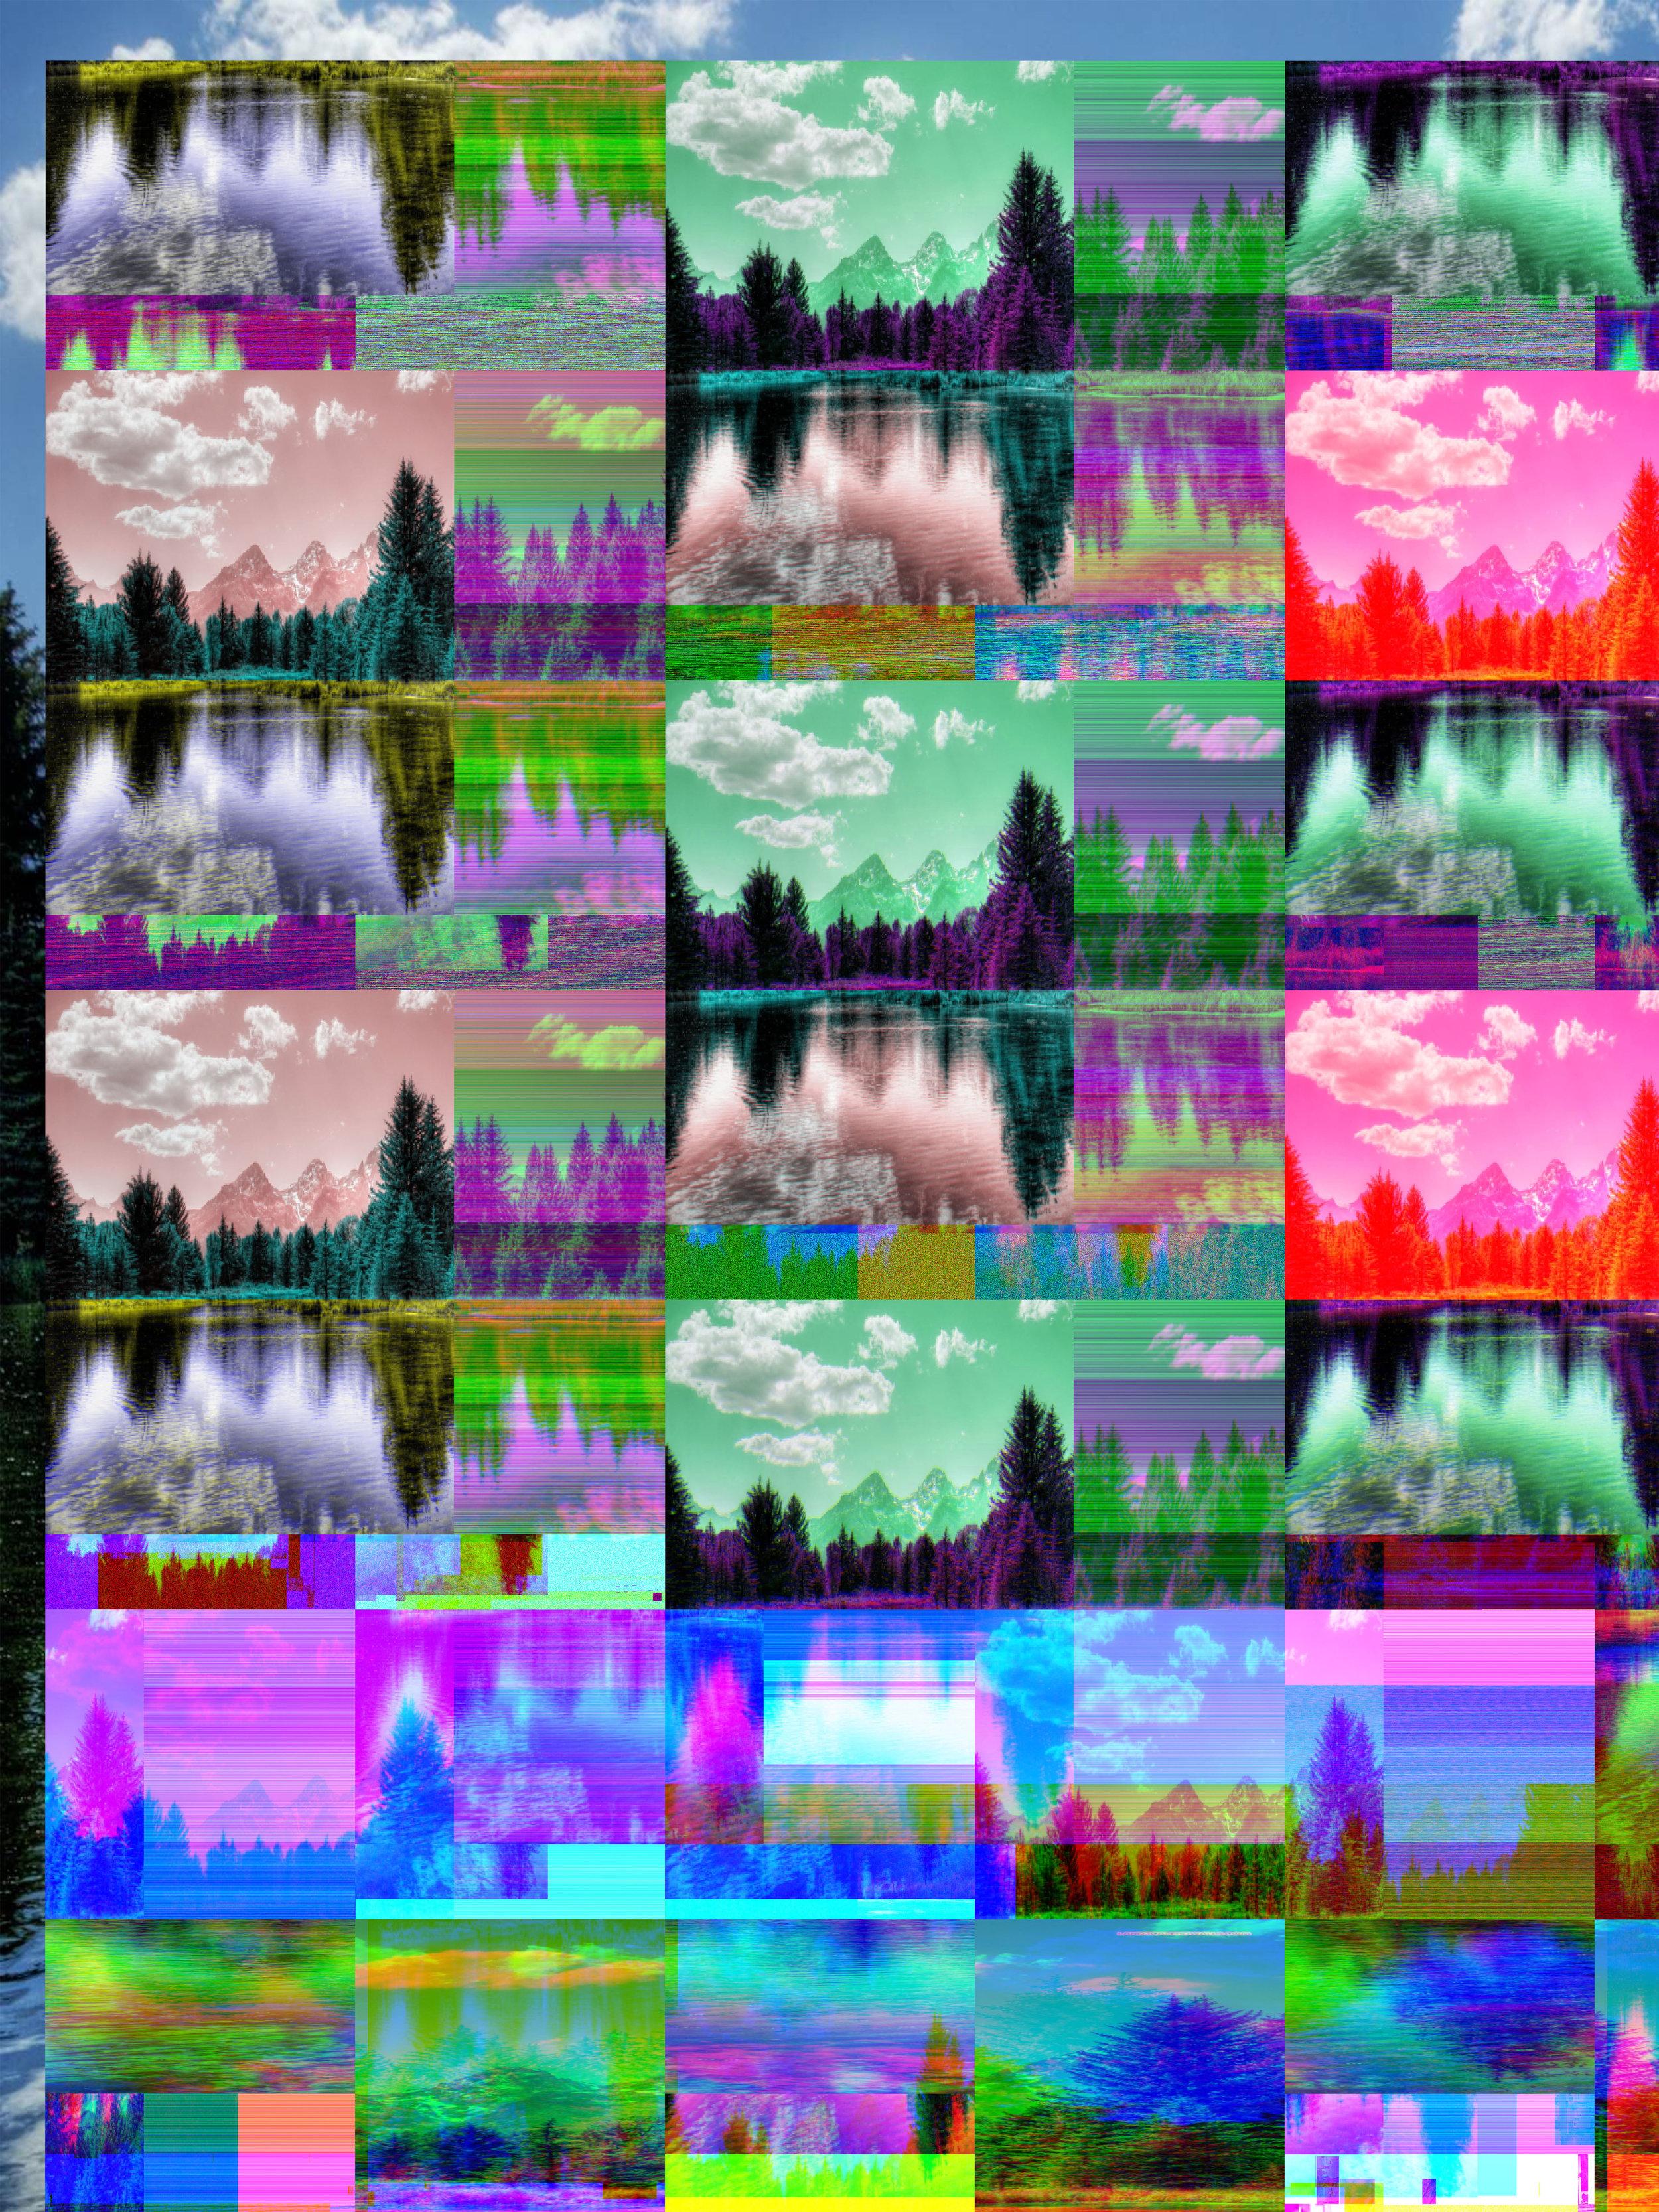 landscapeglitch3.jpg